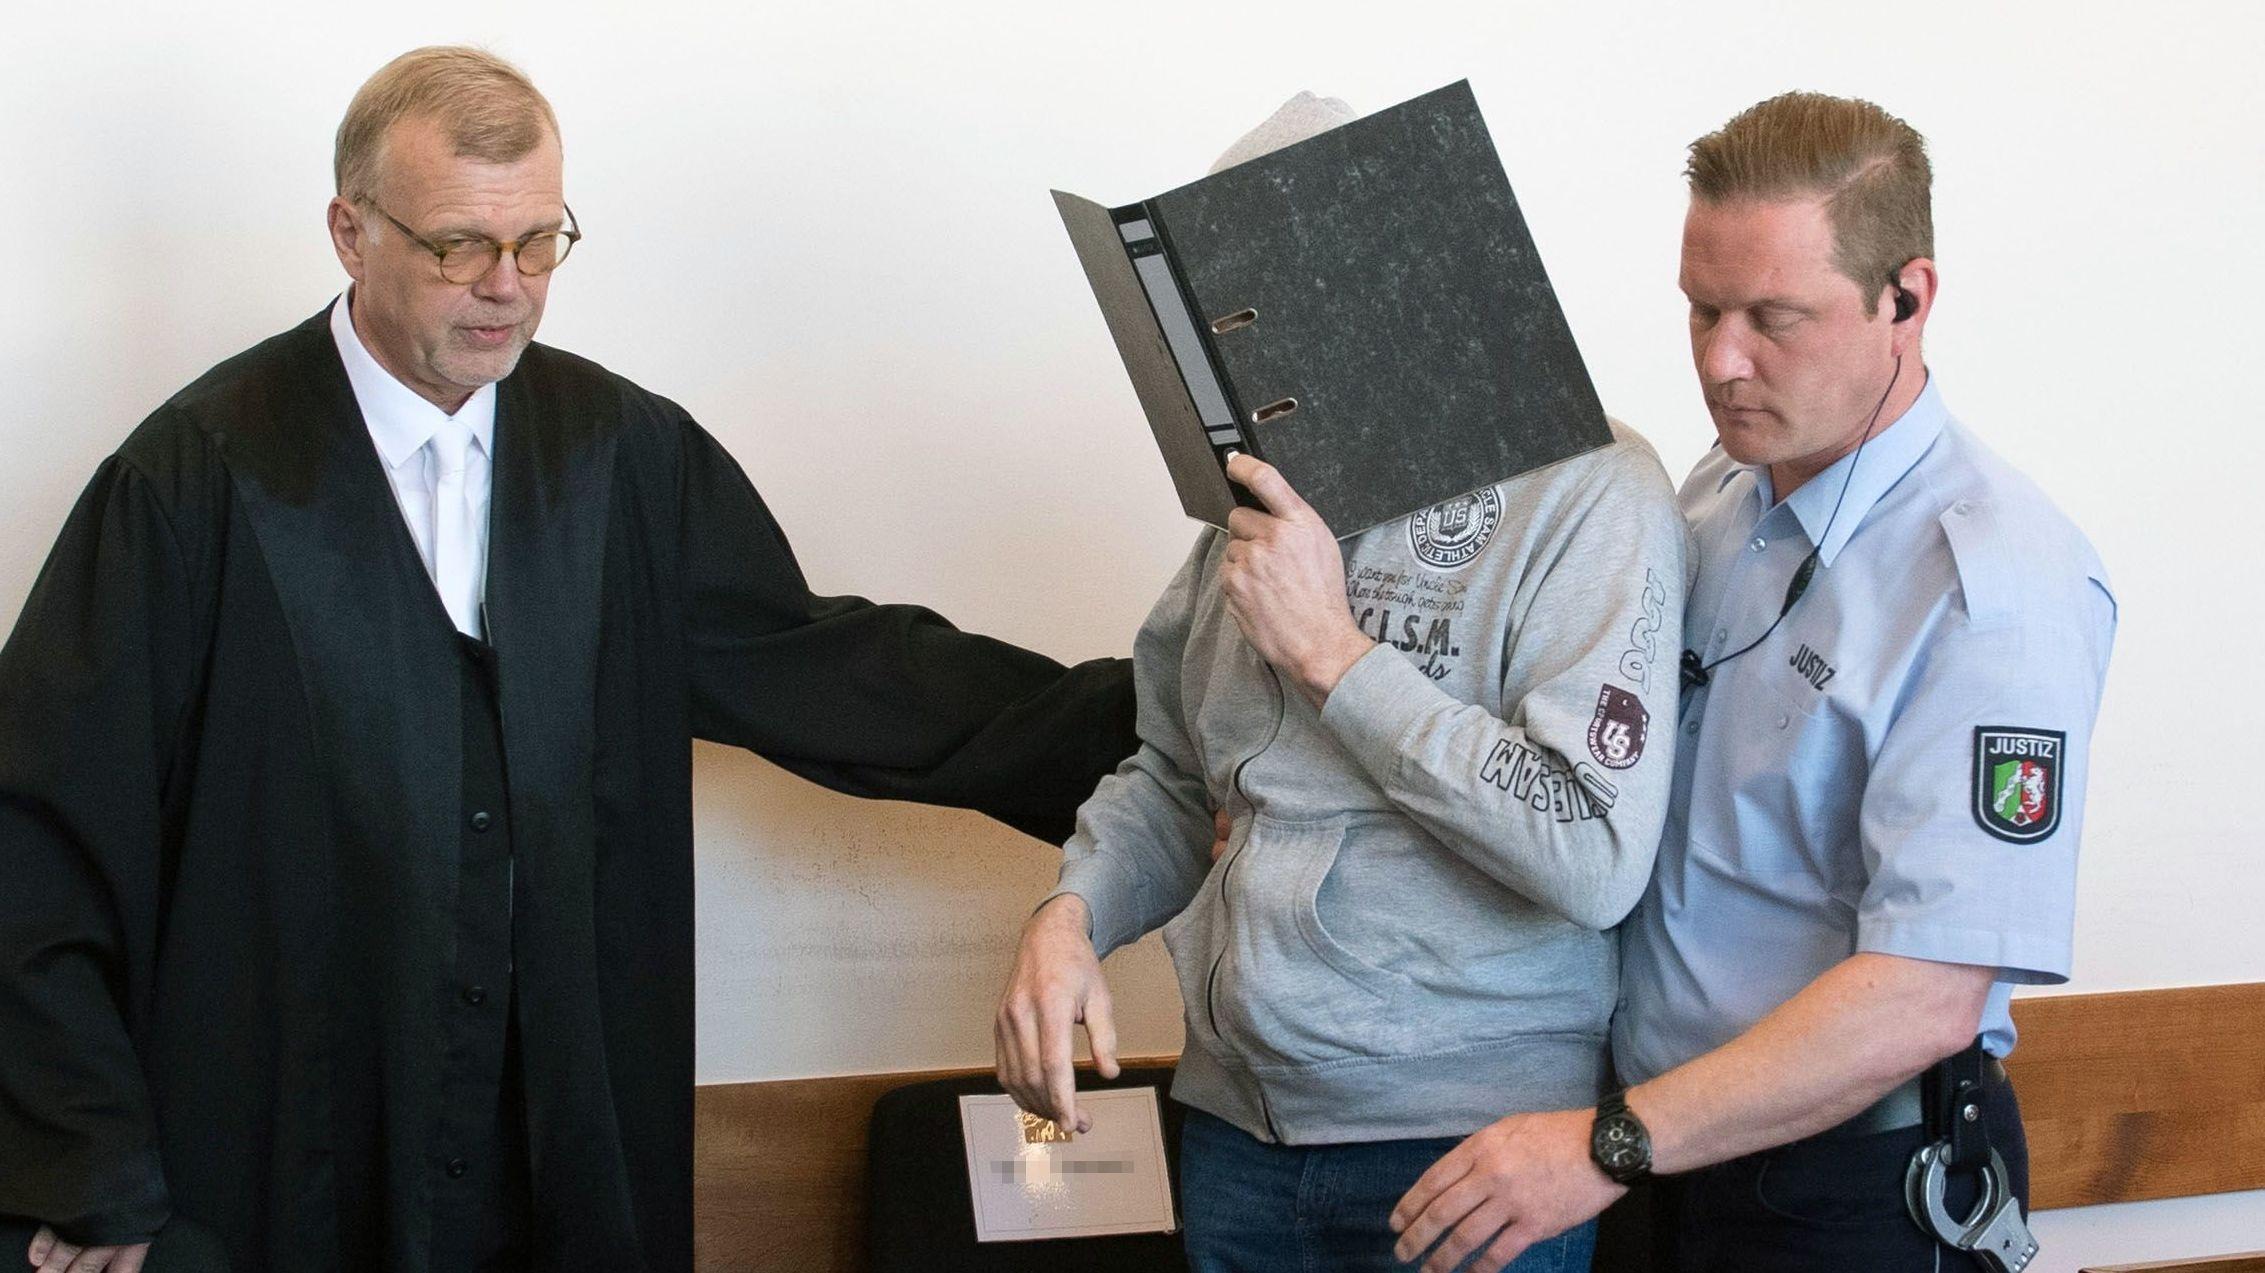 Der Angeklagte Andreas V. wird von einem Justizmitarbeiter in den Saal des Detmolder Landgerichtes geführt.